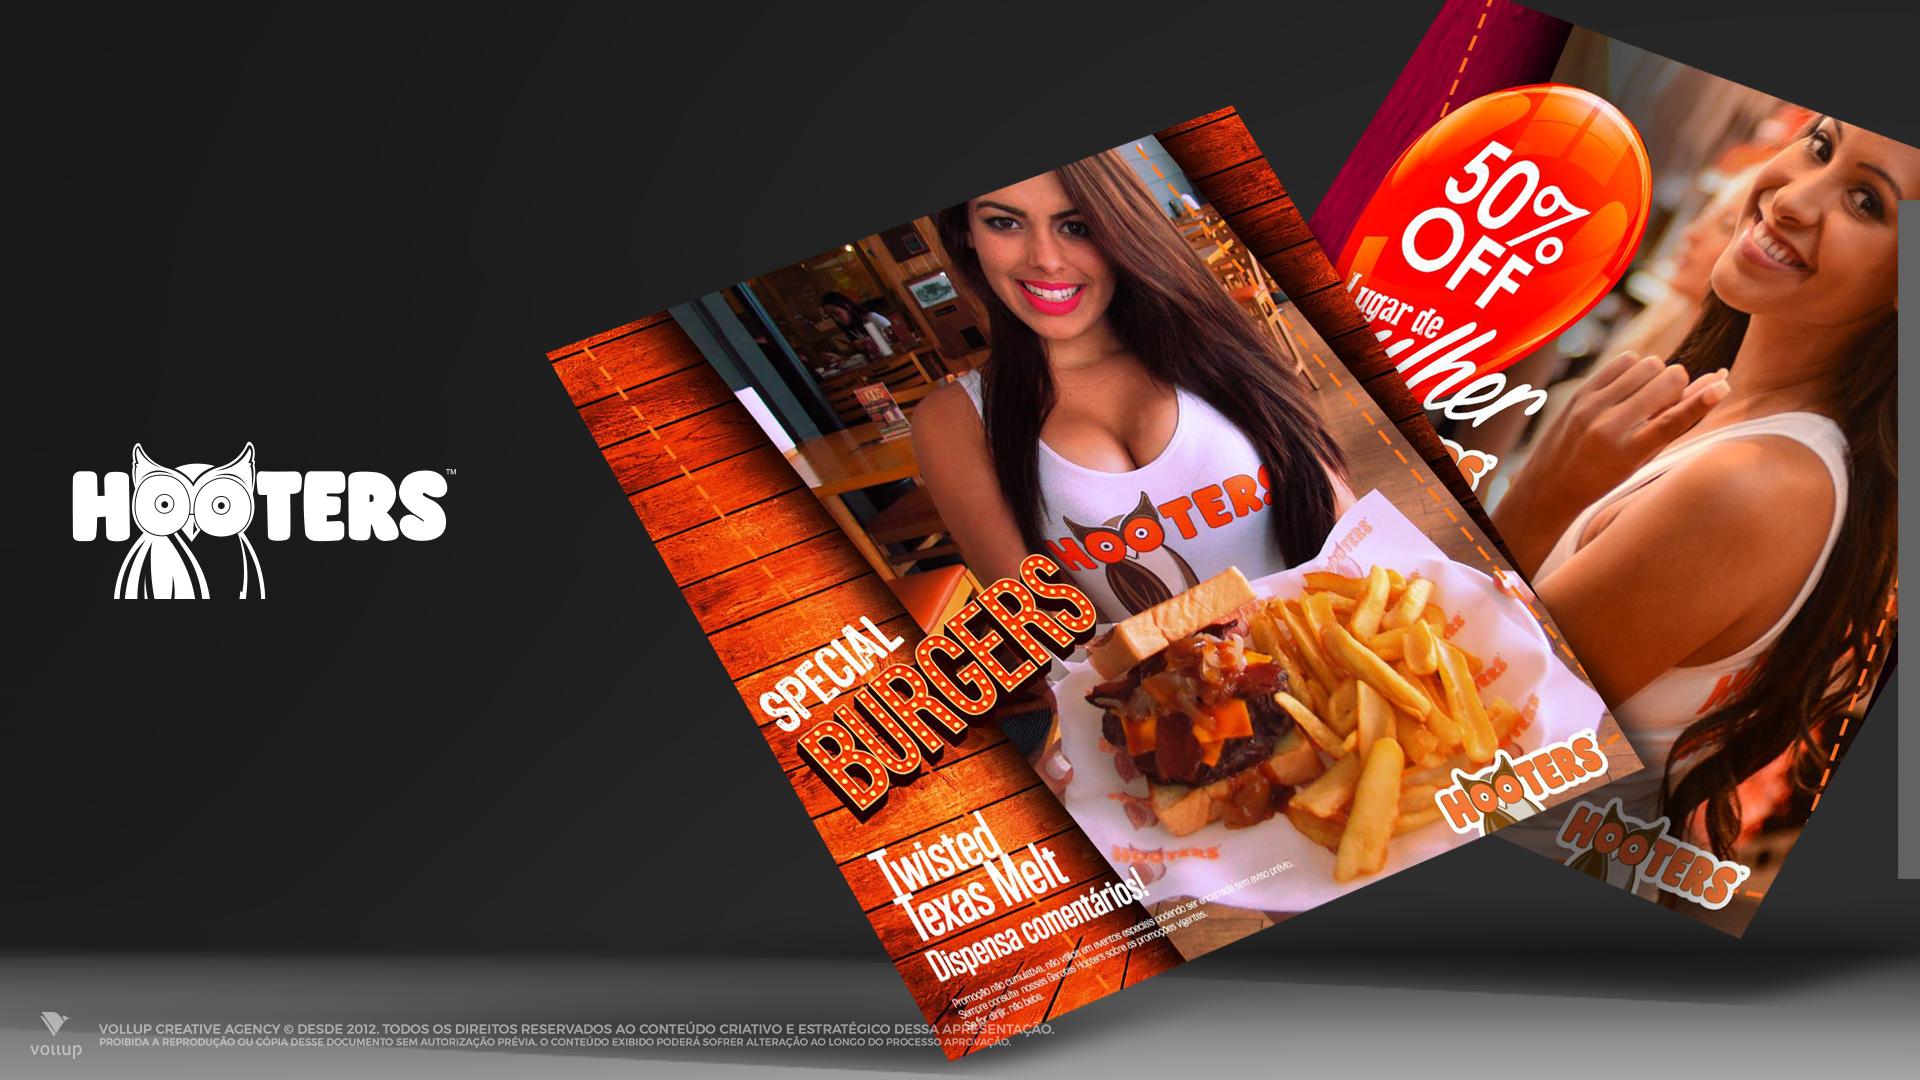 Posts promocionais Hooters Brasil